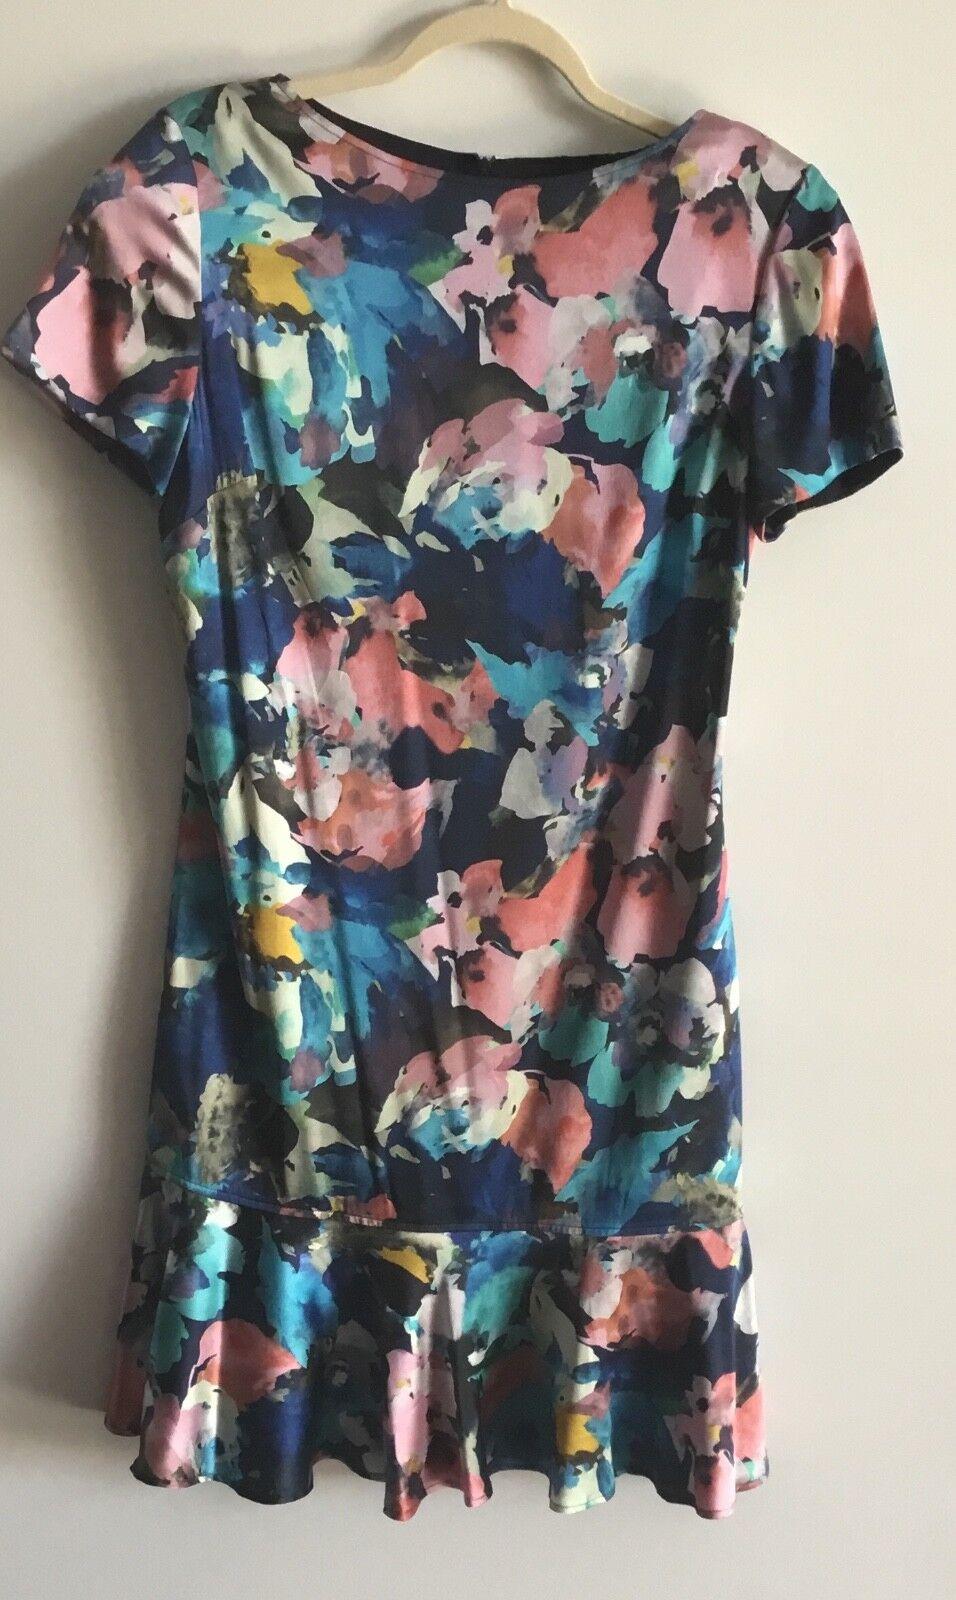 Femme Nouveau St. John Taille 8 soie motif floral robe Retail  995